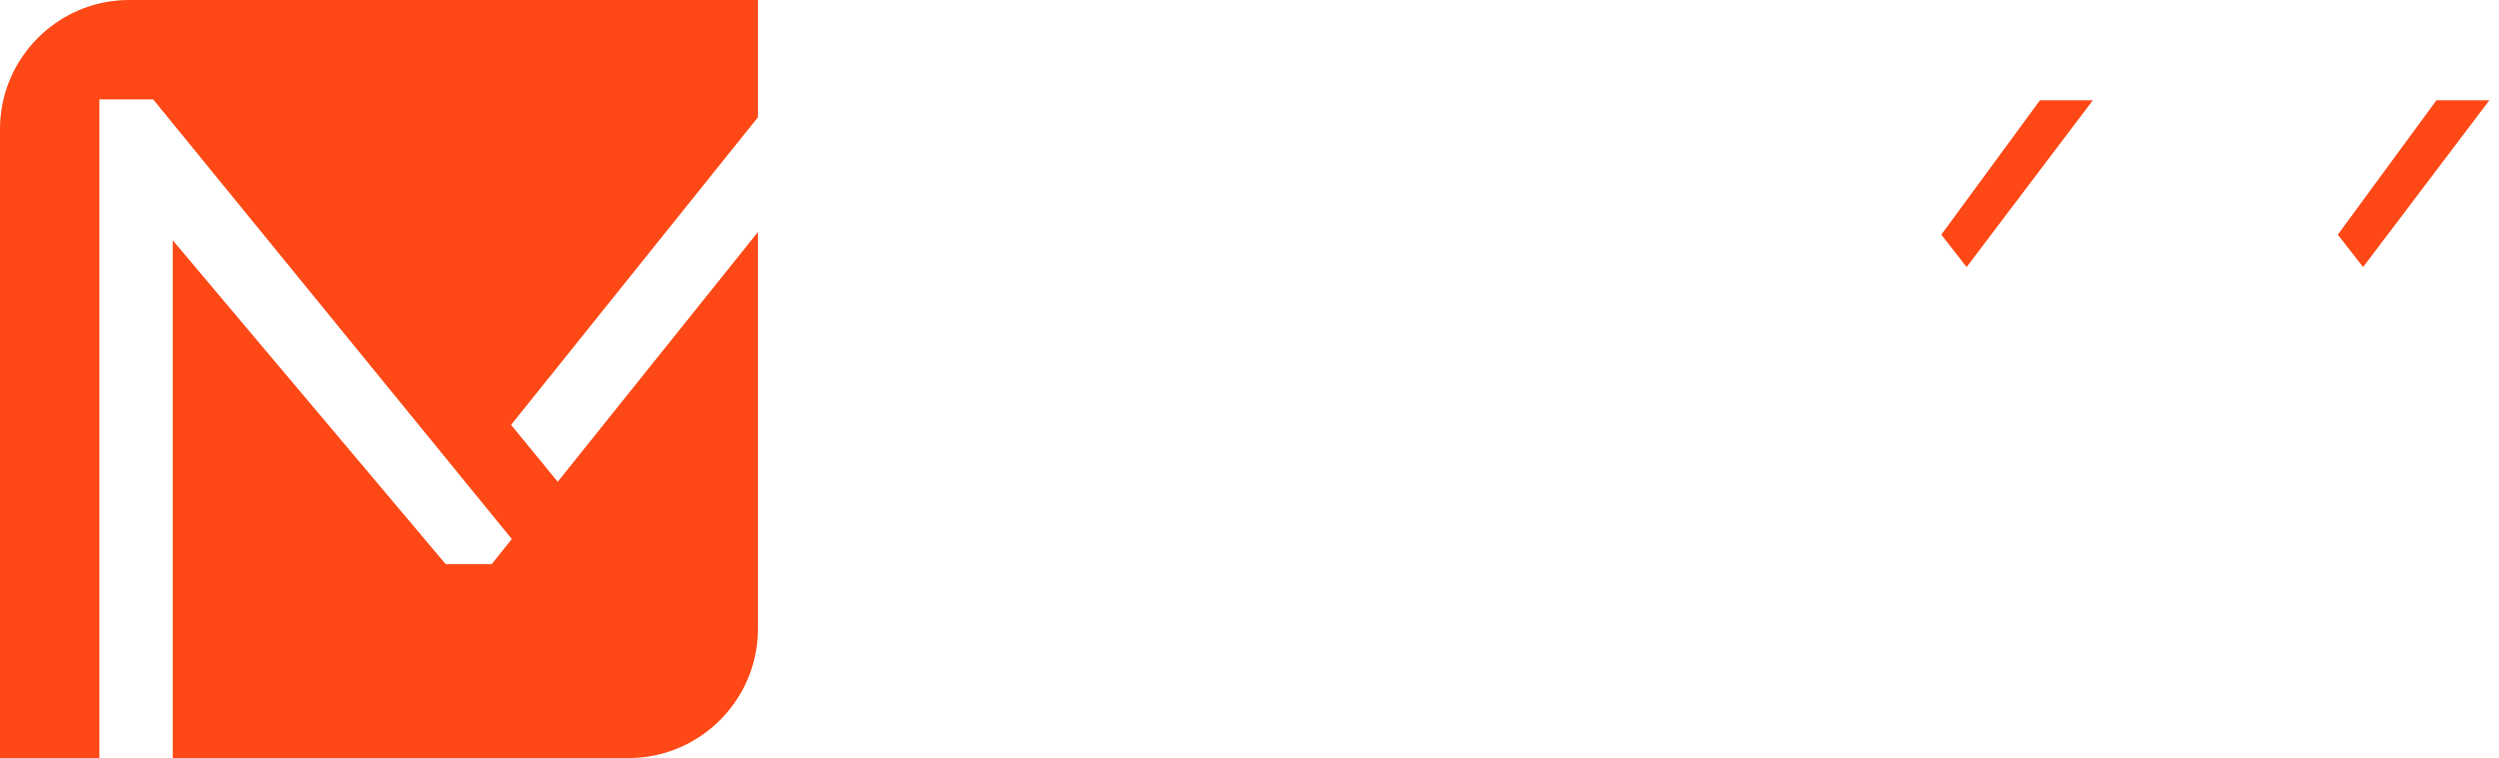 Gestão de operações e backoffice / Terceirização de serviços - Blog da MAXX